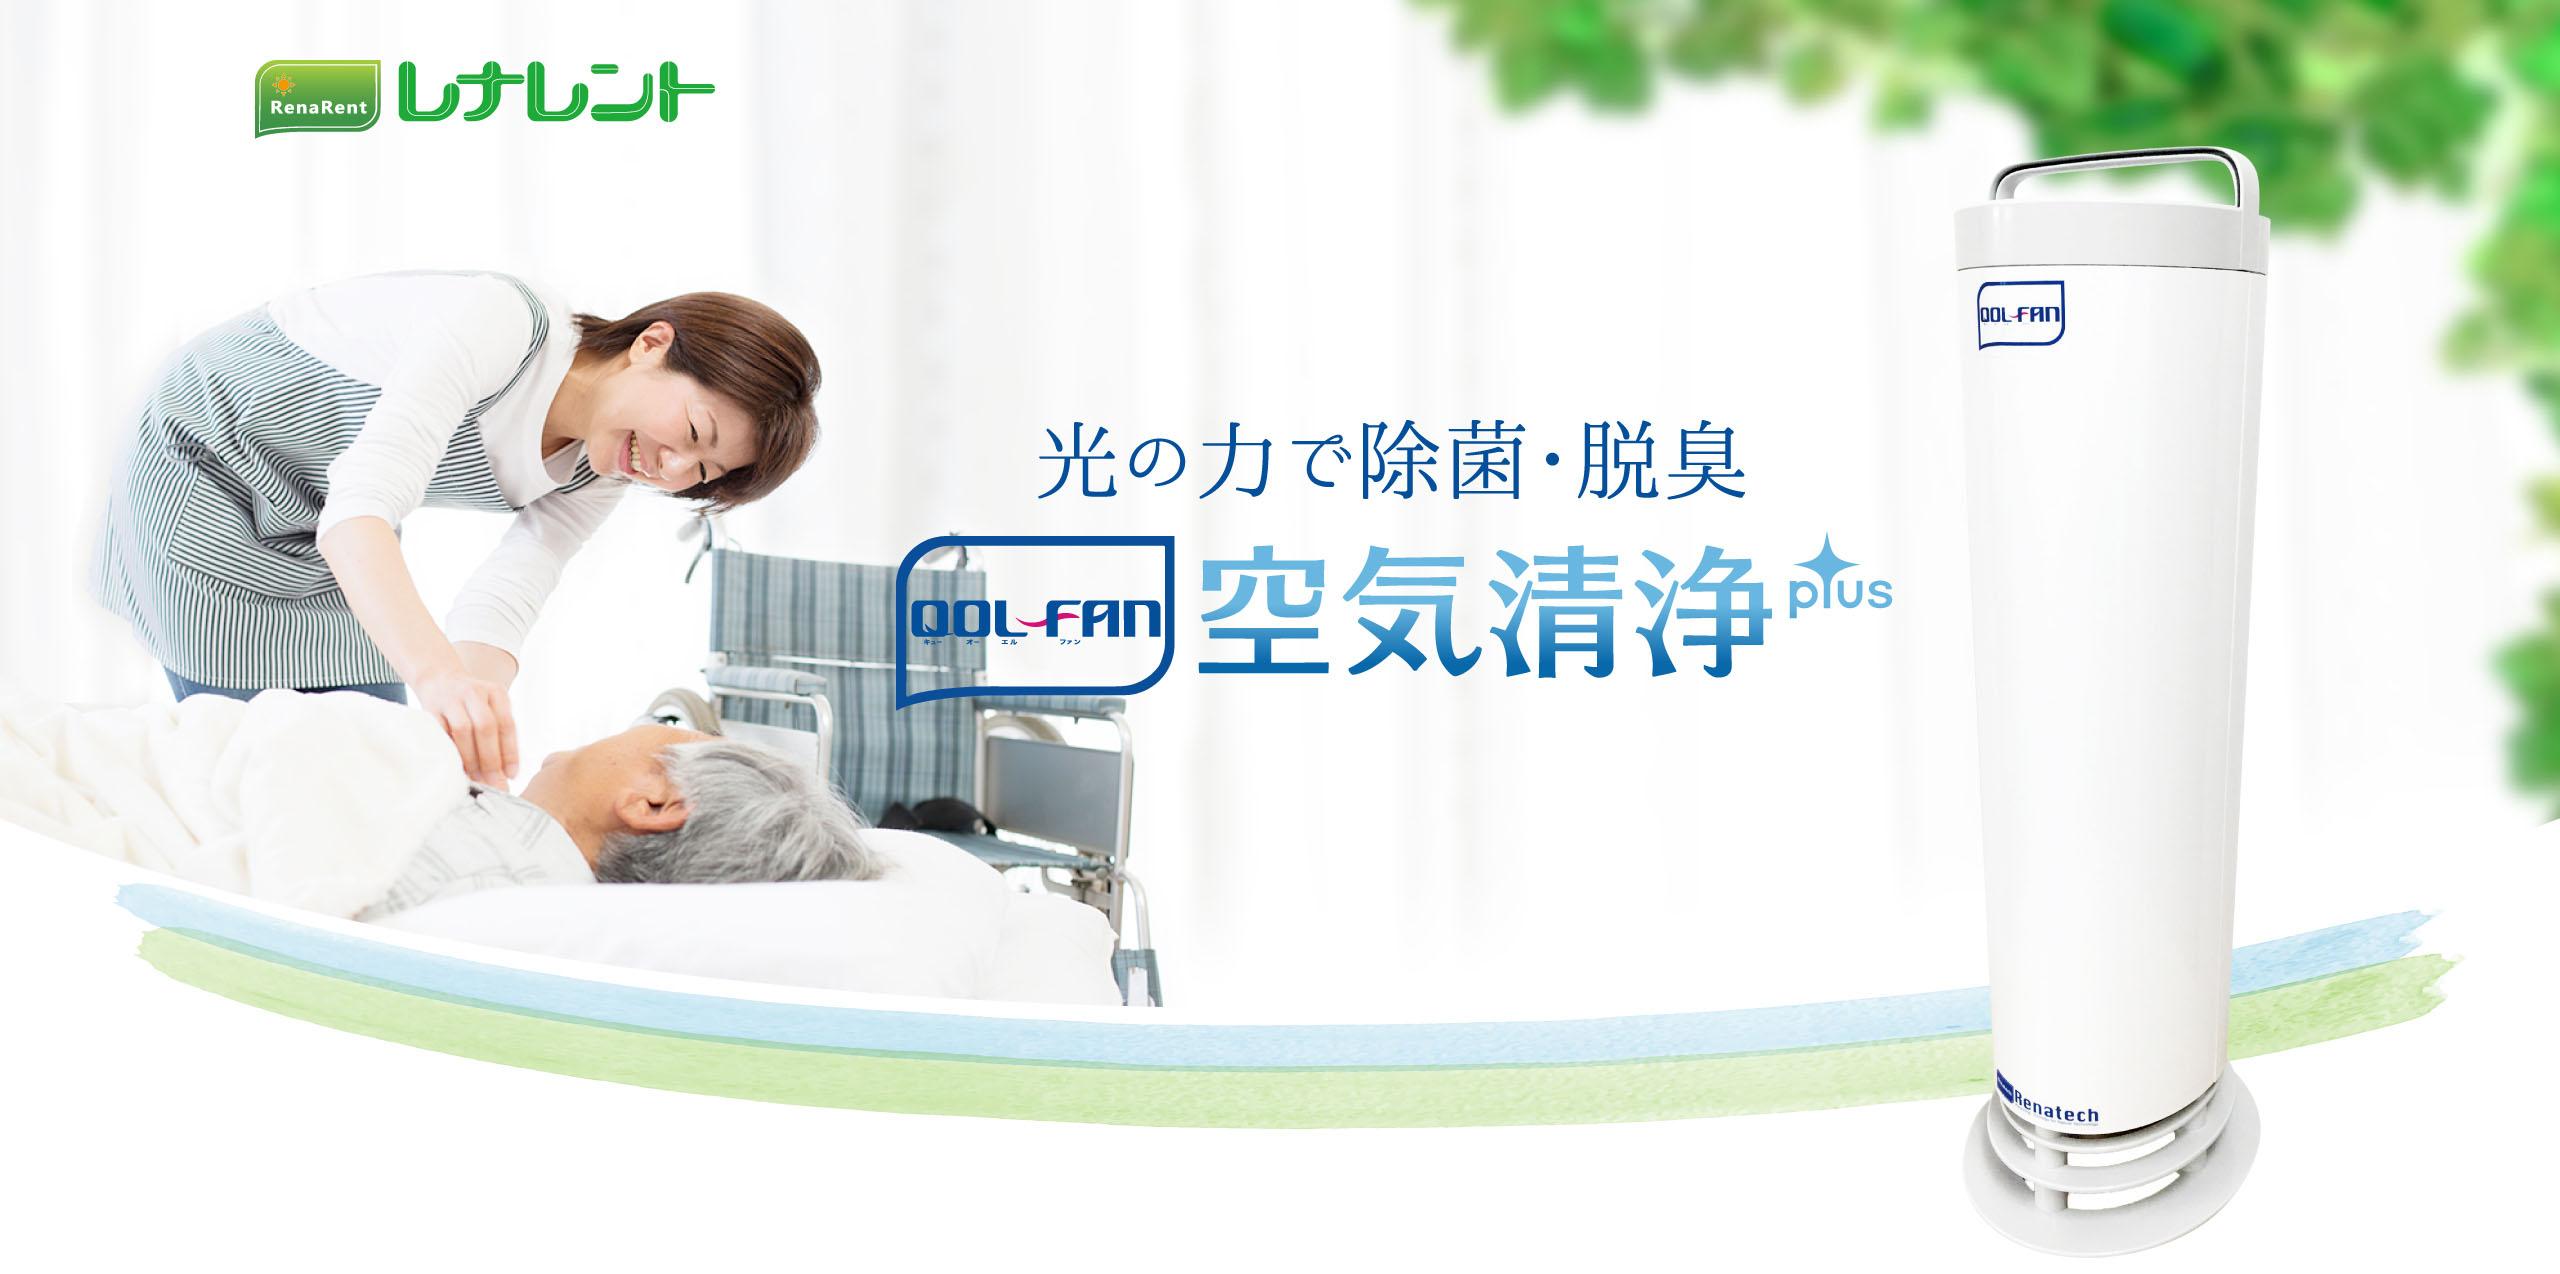 介護でのニオイやウイルス予防に-光触媒の力で除菌・脱臭 QOL-FAN 空気清浄plus